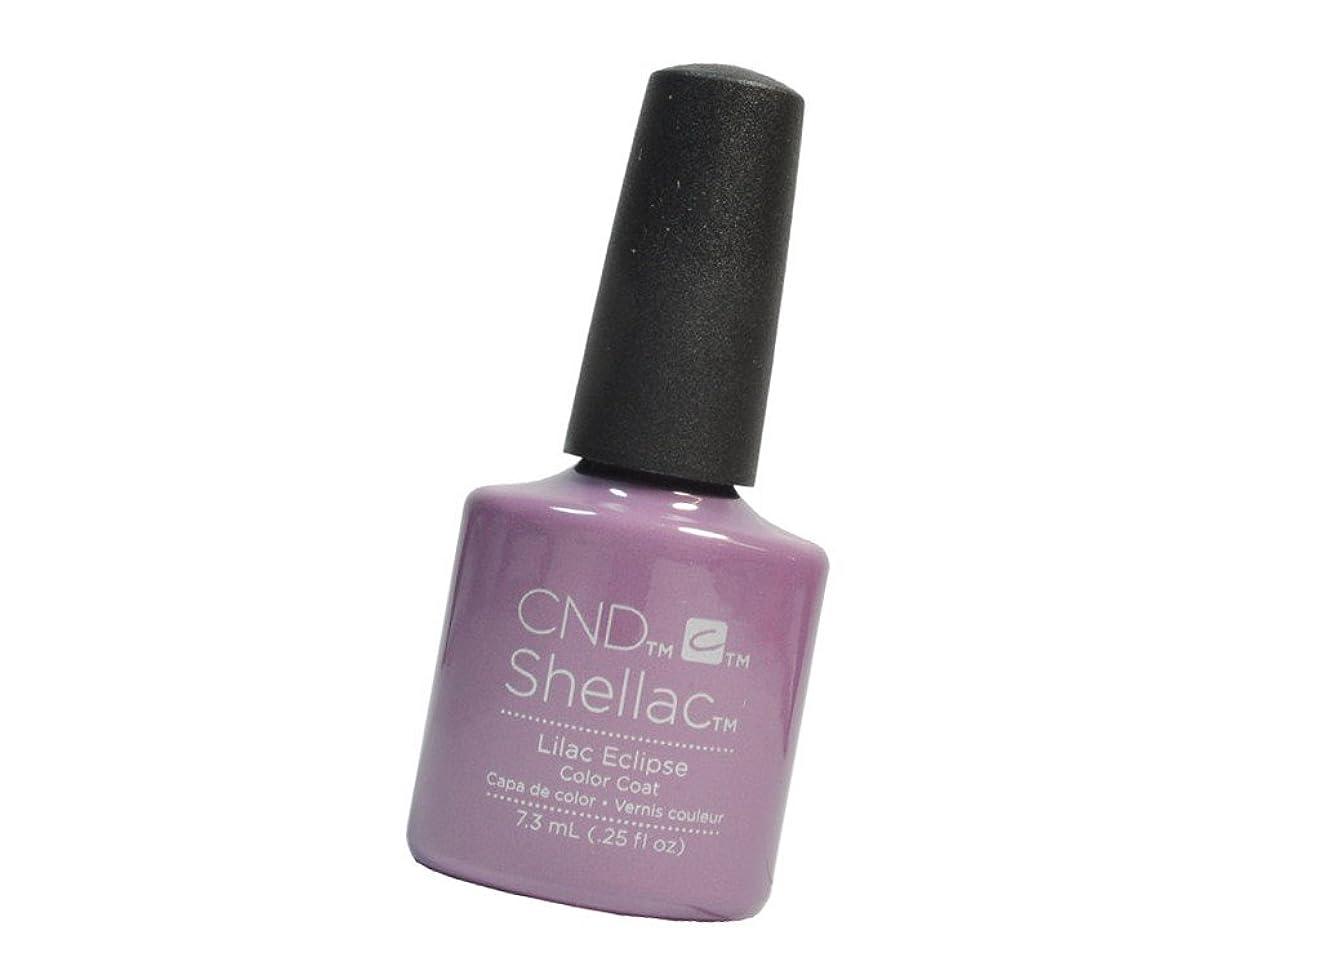 の配列ボイコットドメイン【CND 】Shellacソークオフジェル?Lilac Eclipse ('17 Night Spell秋コレクション) 7.3ml[CND-91590]